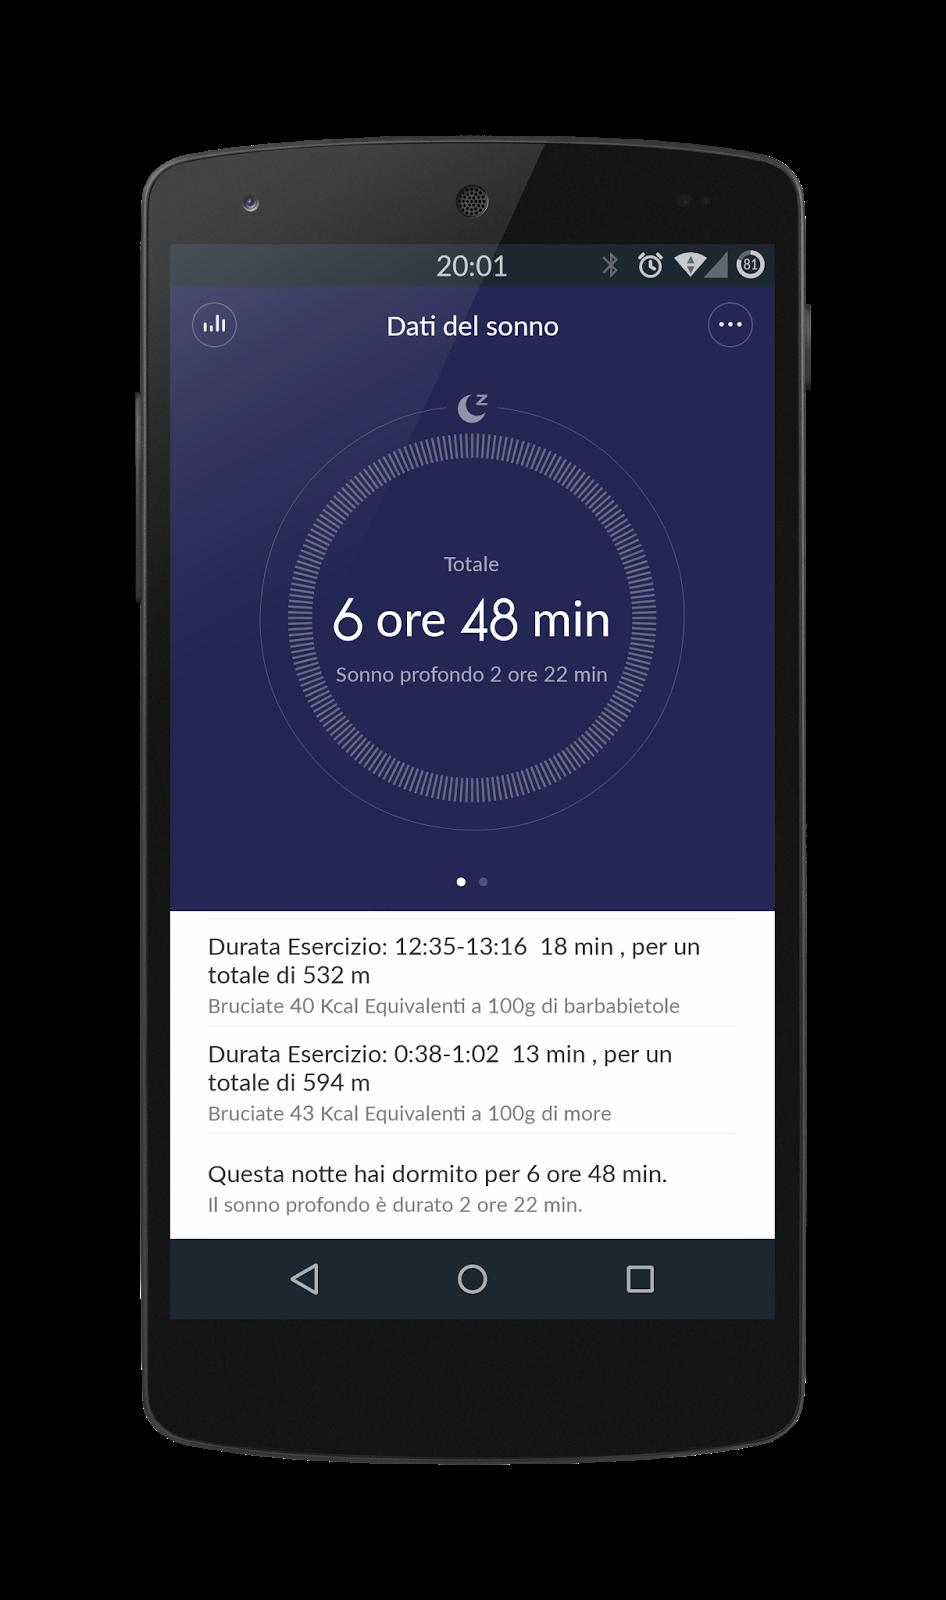 15 euro bastano per una smartband dukkokun for Poco schlafsofa 88 euro